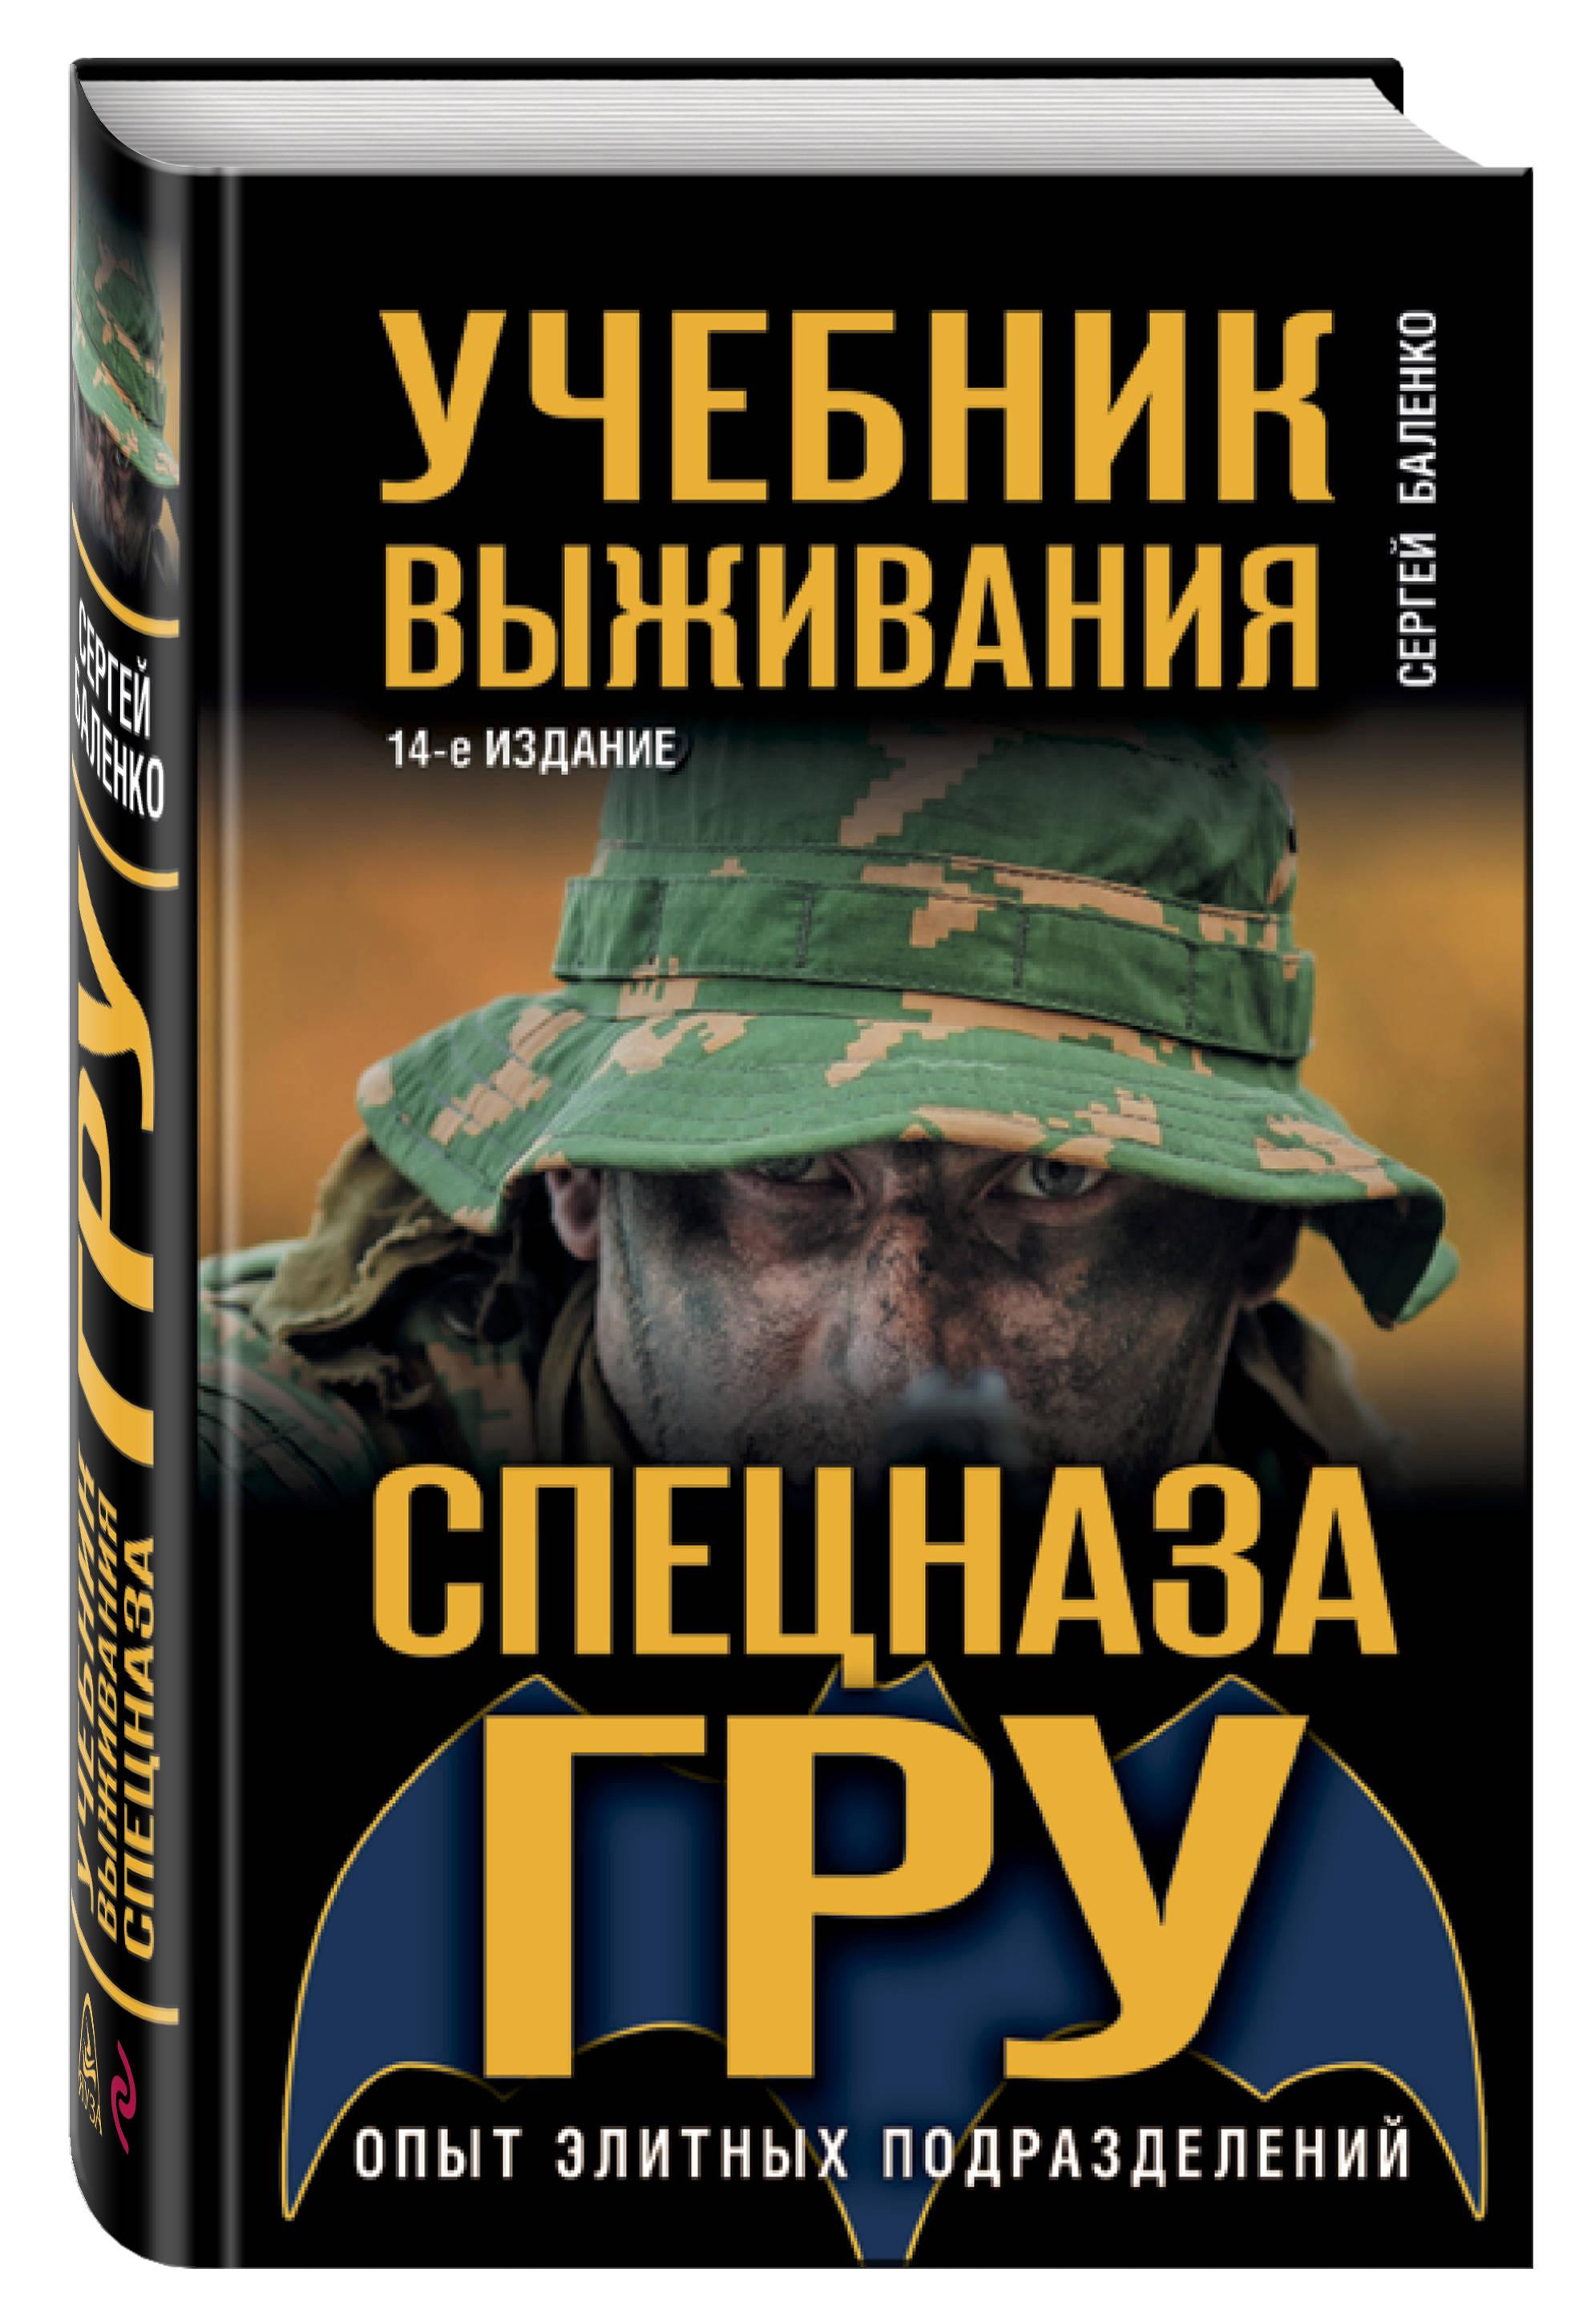 Учебник выживания спецназа ГРУ. Опыт элитных подразделений ( Баленко С.В.  )